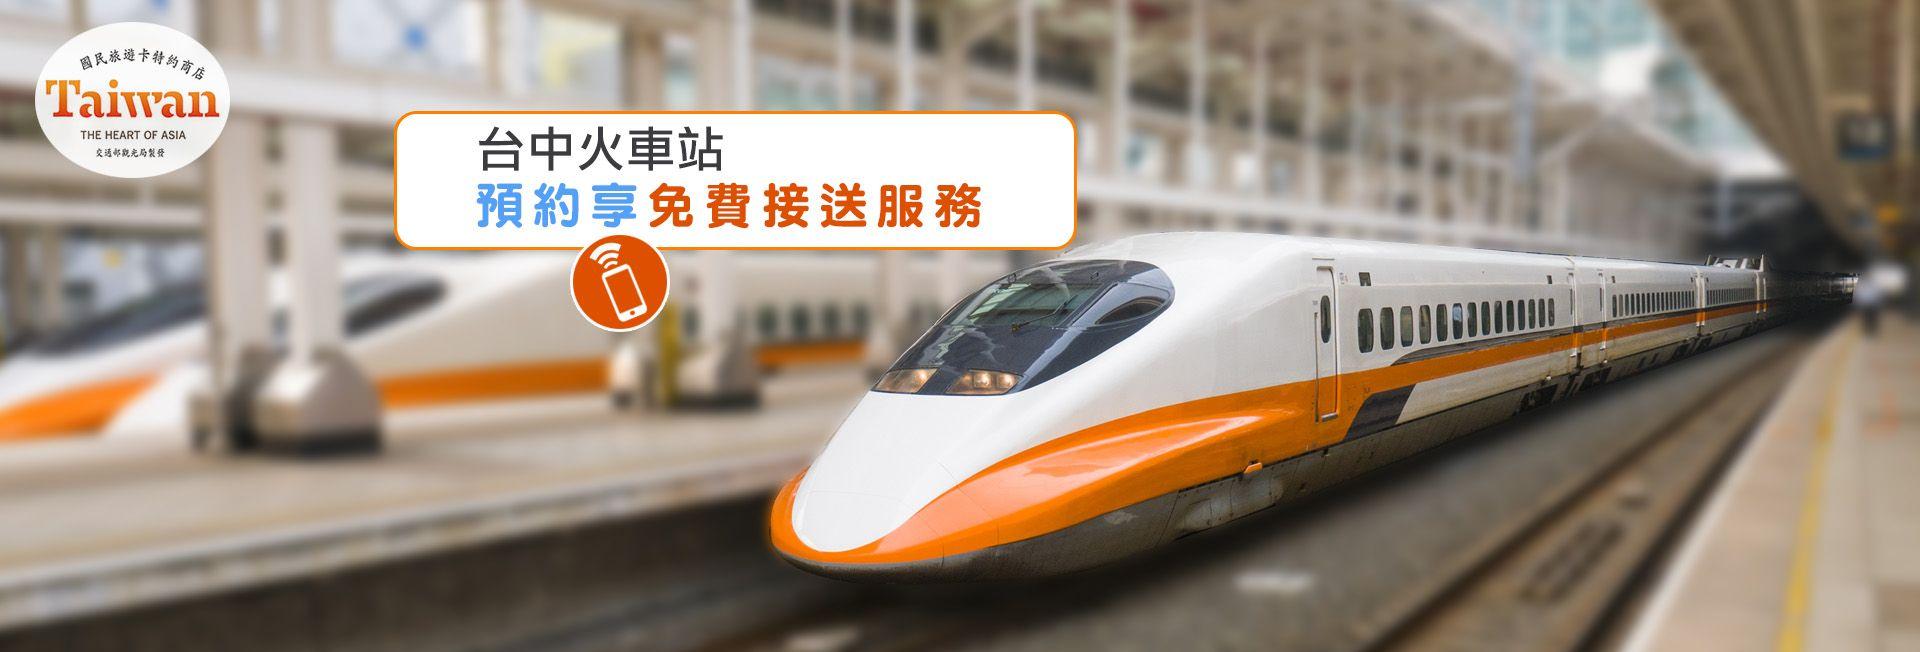 台中高鐵站及朝馬轉運站預約享免費接送服務